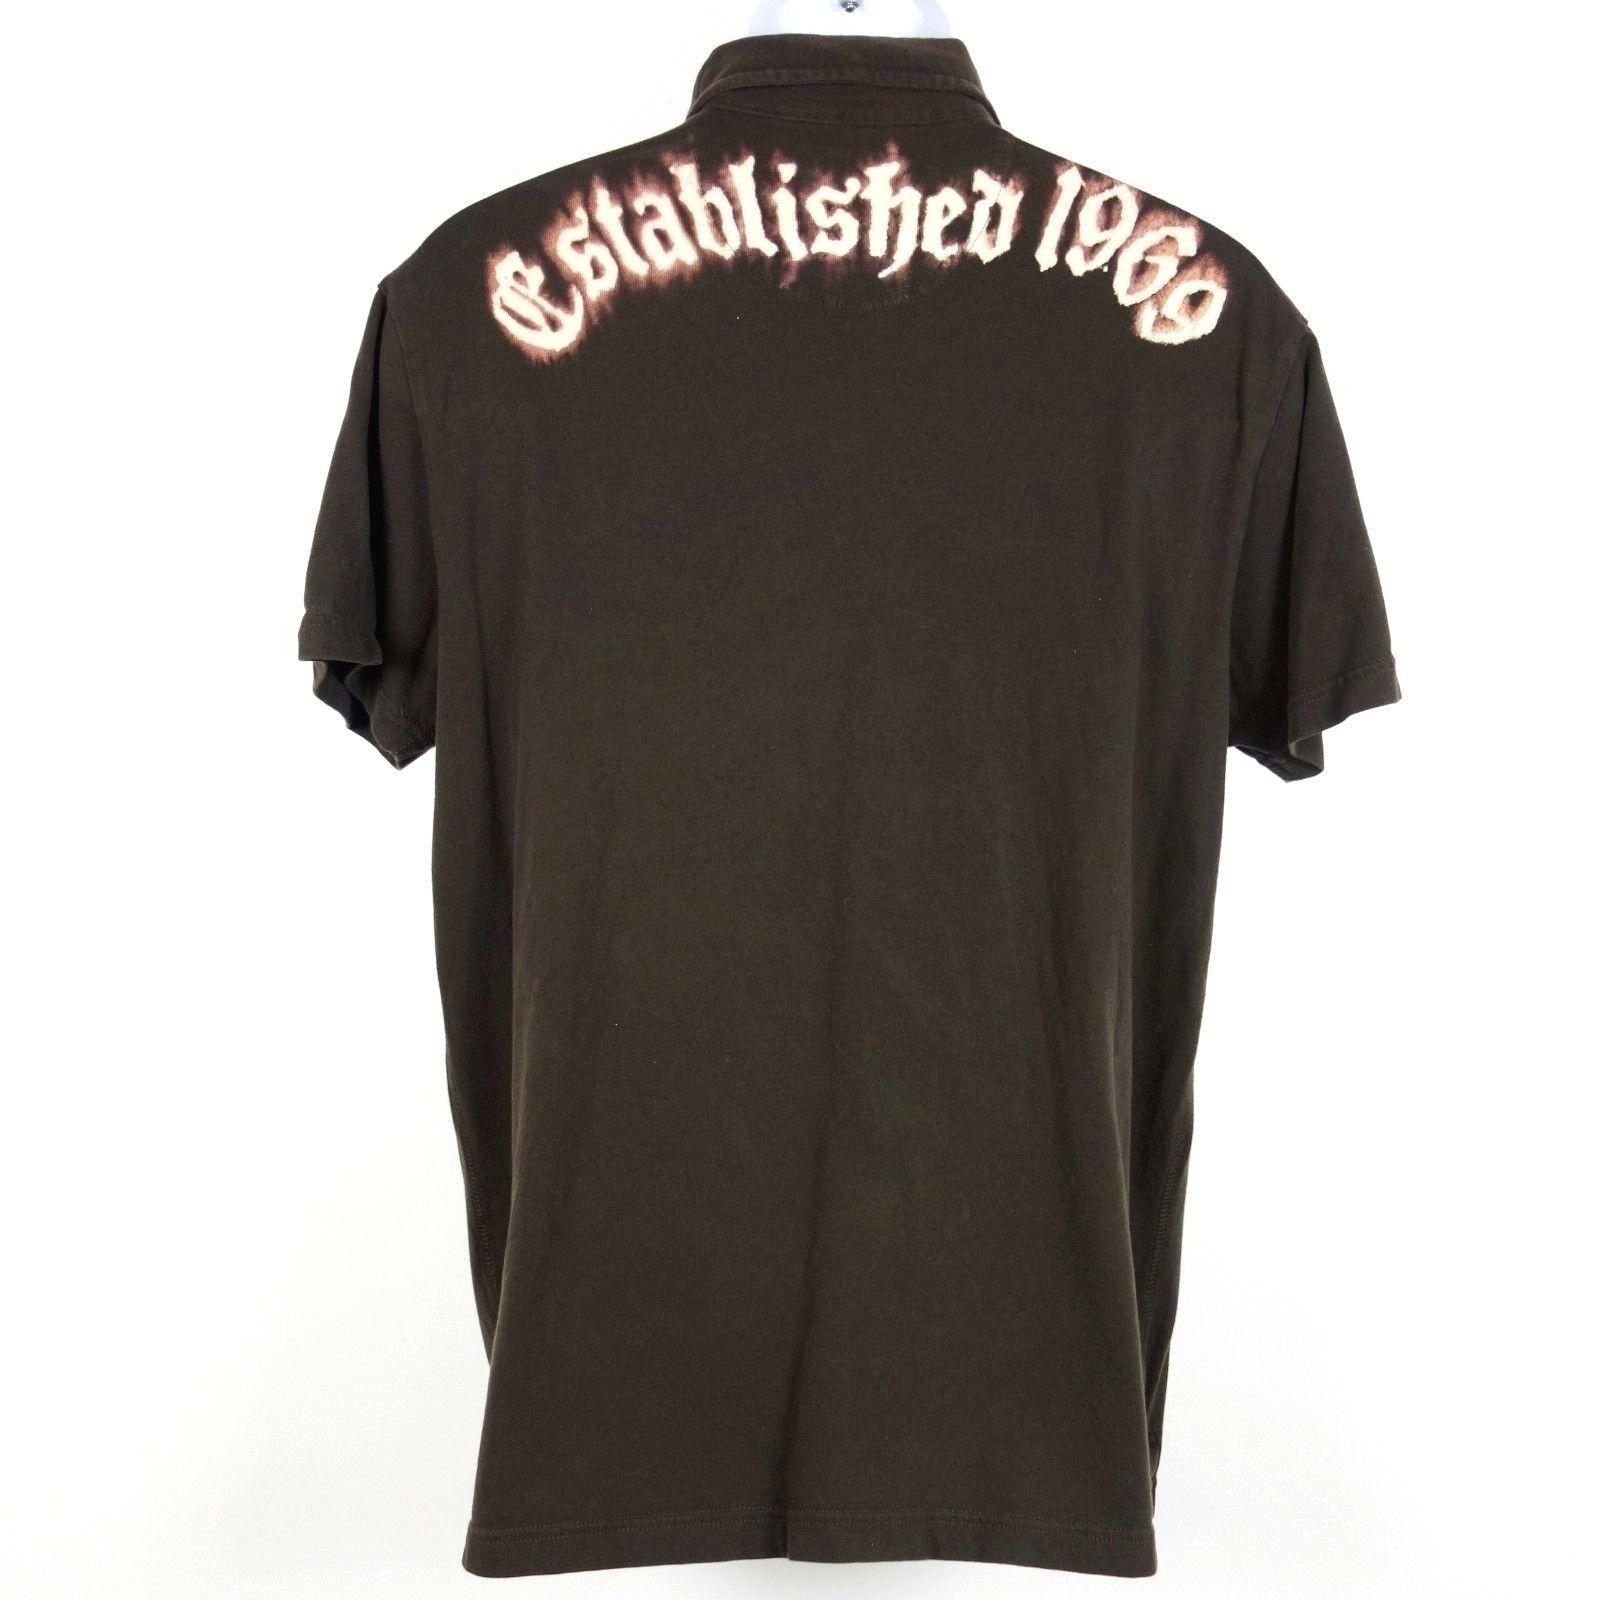 Gap Pocket Polo Shirt Men's Large Brown Cotton Bleached Design Established 1969 image 3